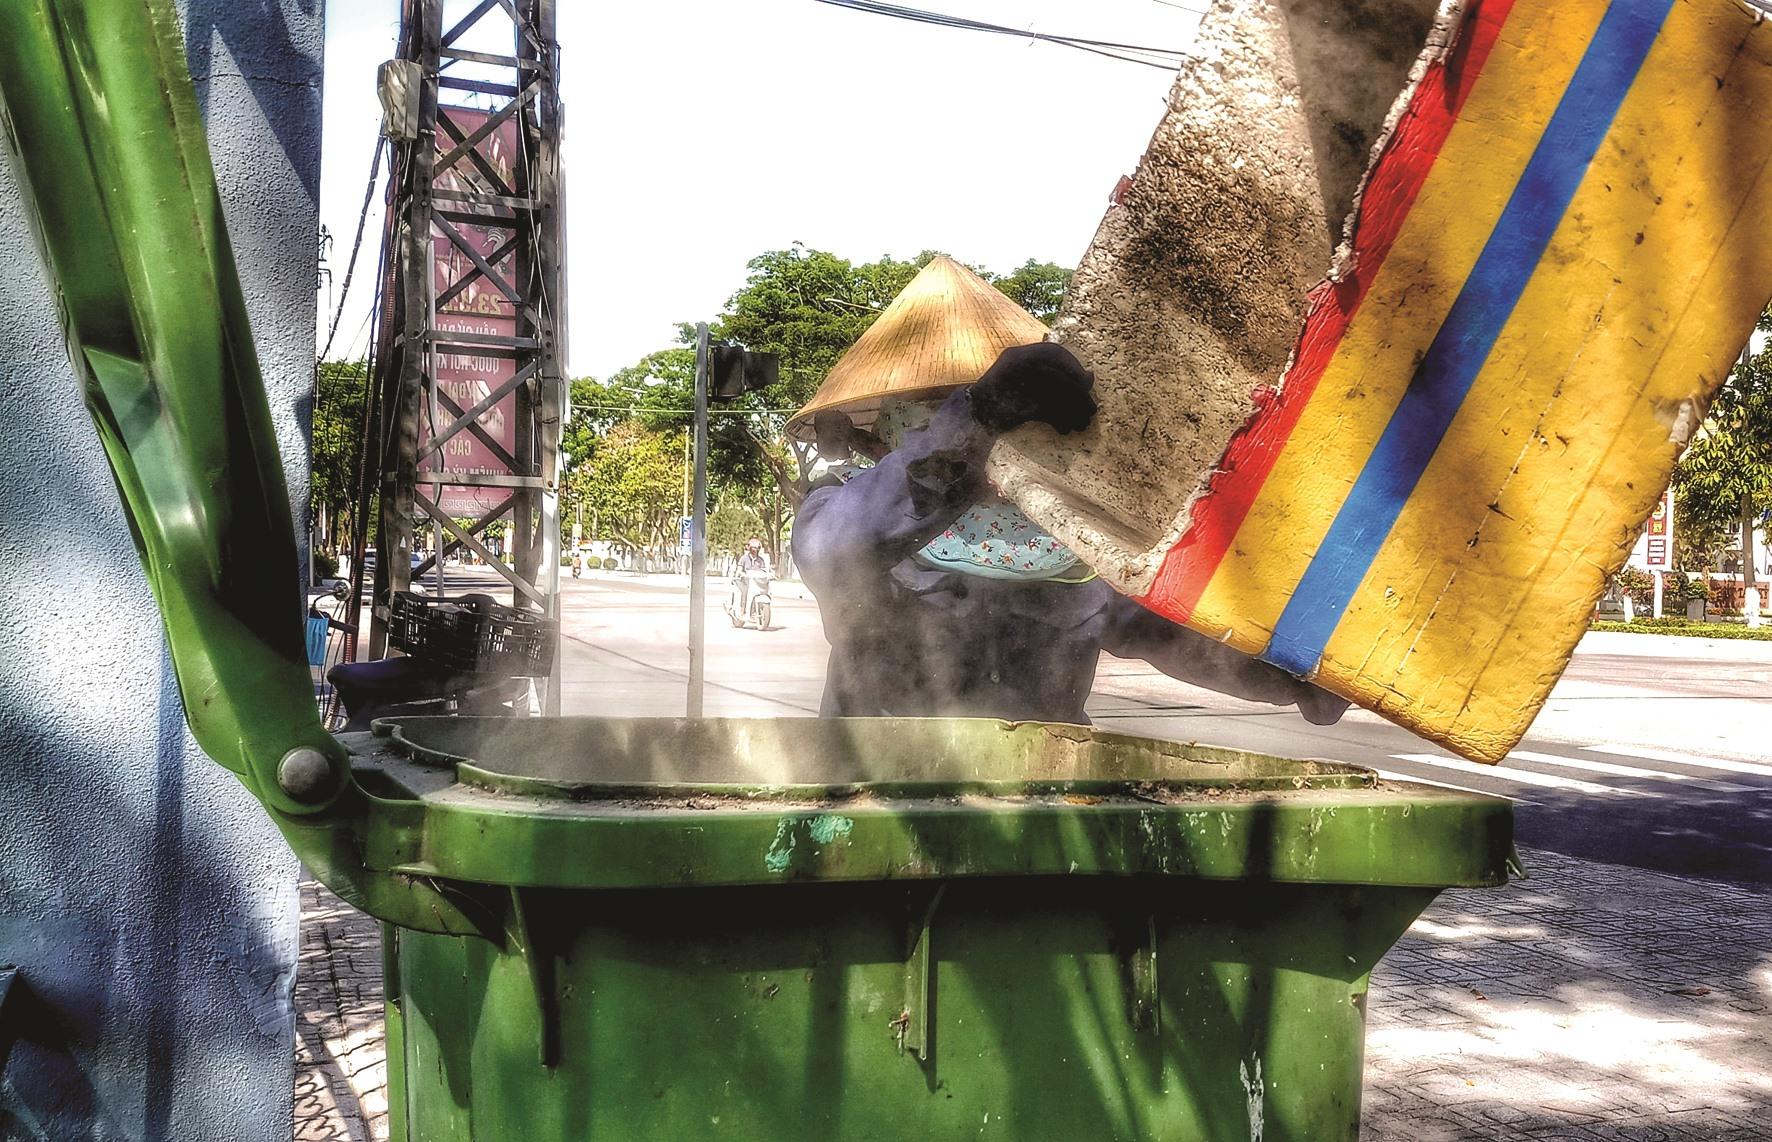 Rác từ xe đẩy sẽ được đổ vào những chiếc thùng đặt dọc tuyến đường. Bụi bặm, nhọc nhằn nhưng vì mưu sinh nên họ cố gắng vượt qua.